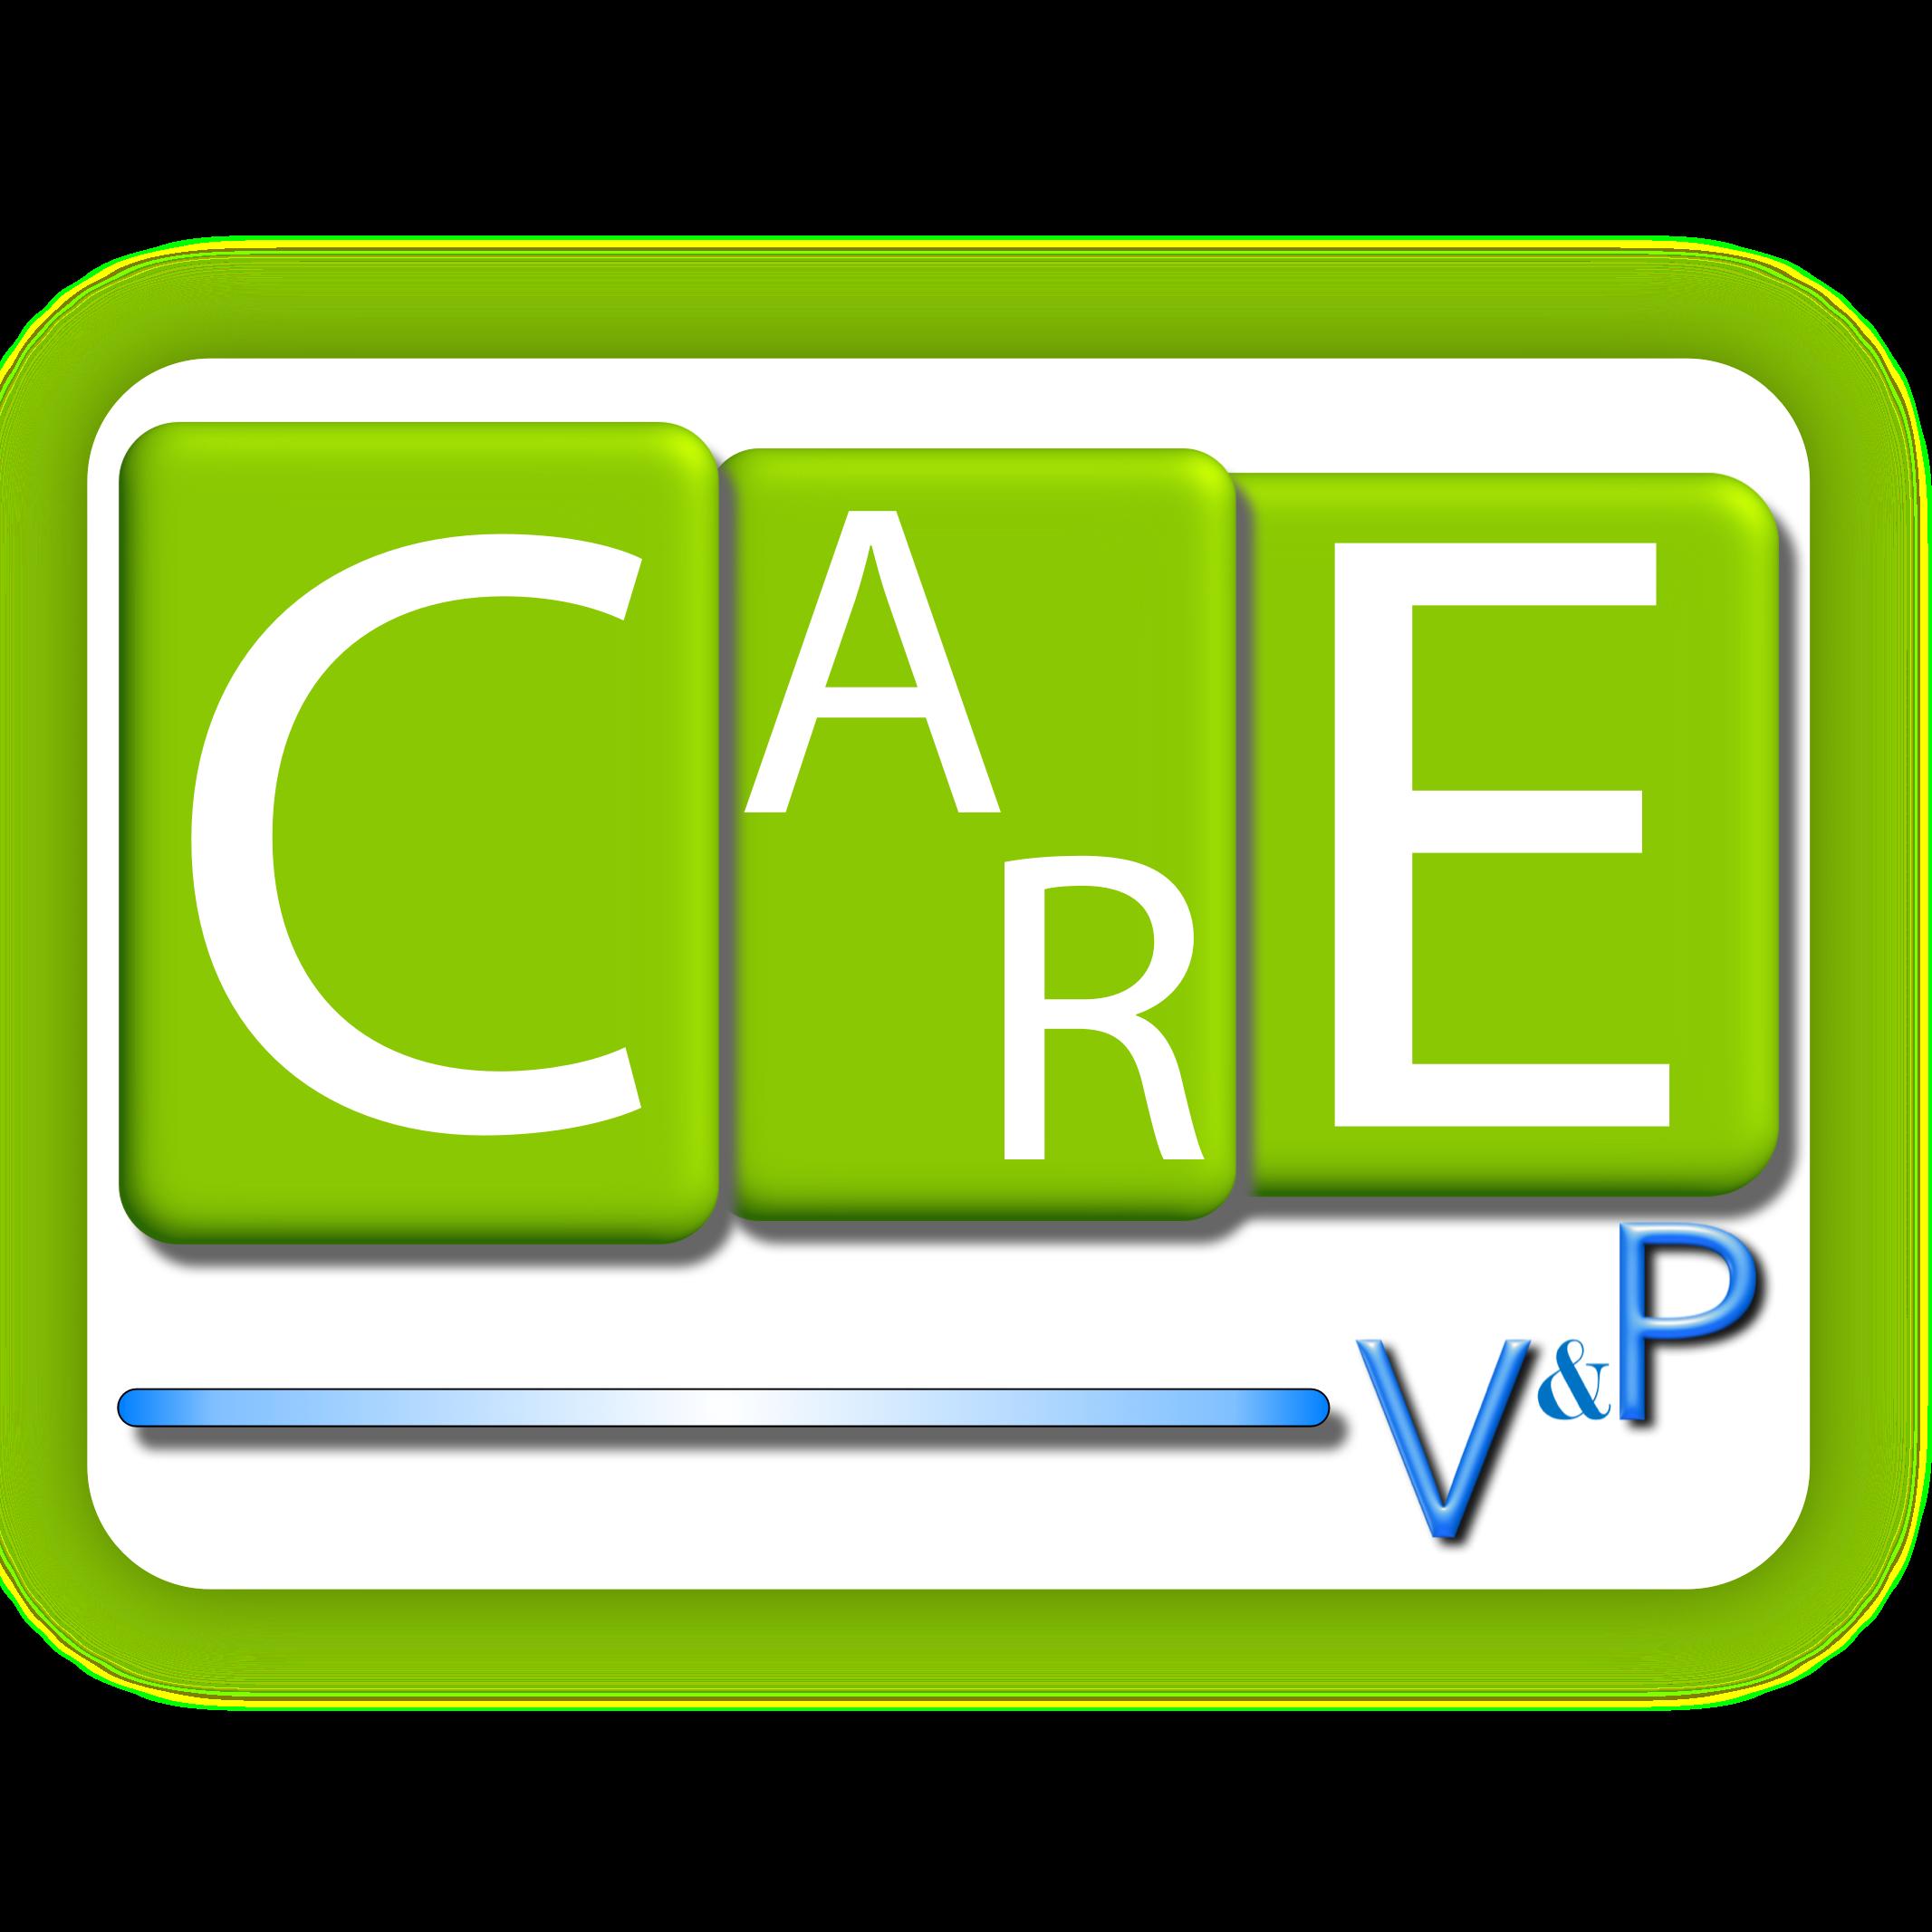 V&P Care